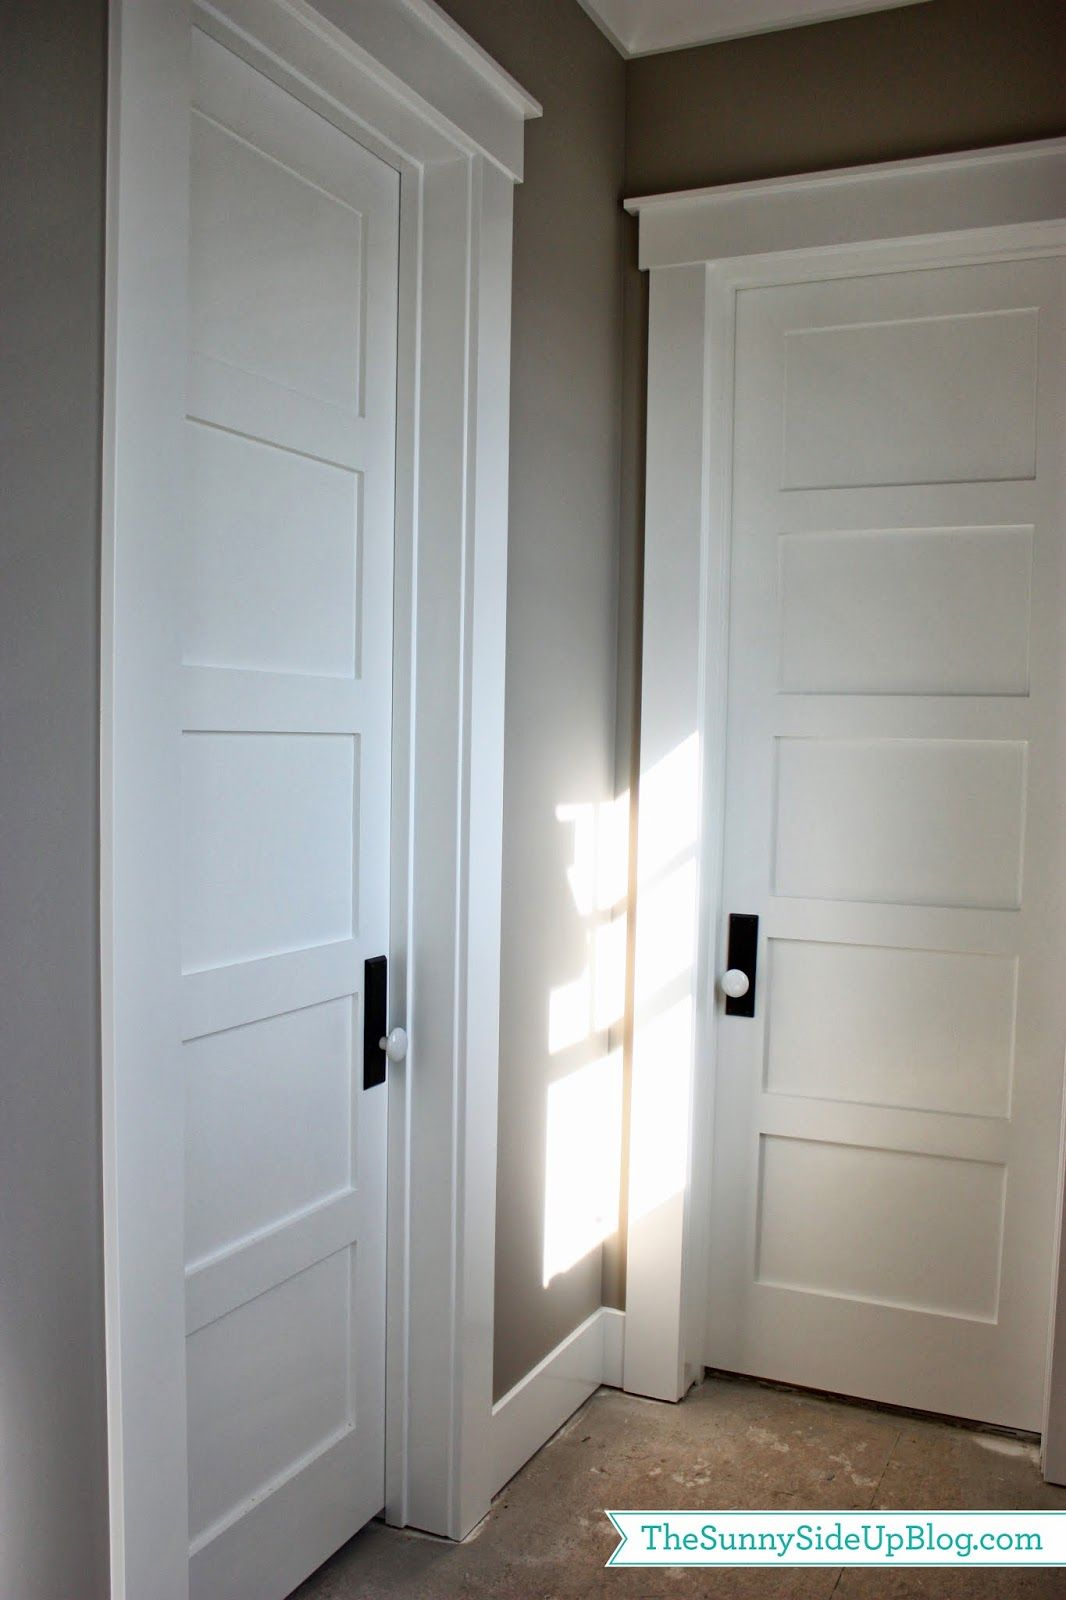 New House picture dump Door knobs, Doors and Interior door